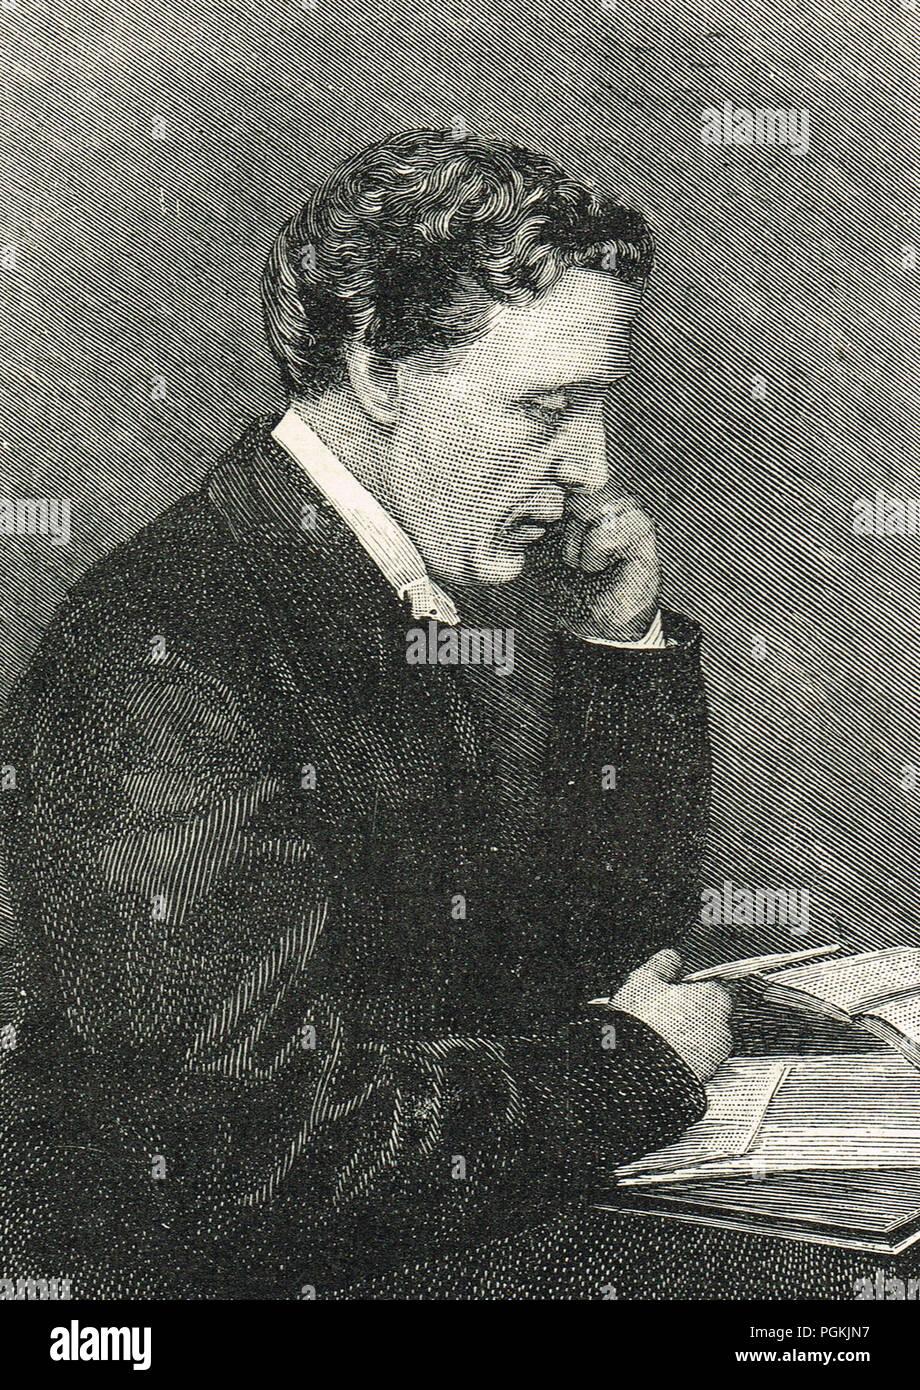 Lewis Carroll, de son vrai nom Charles Lutwidge Dodgson, célèbre pour Alice's Adventures in Wonderland, dans de l'autre côté, et les poèmes, et le Jabberwocky Chasse au Snark Photo Stock